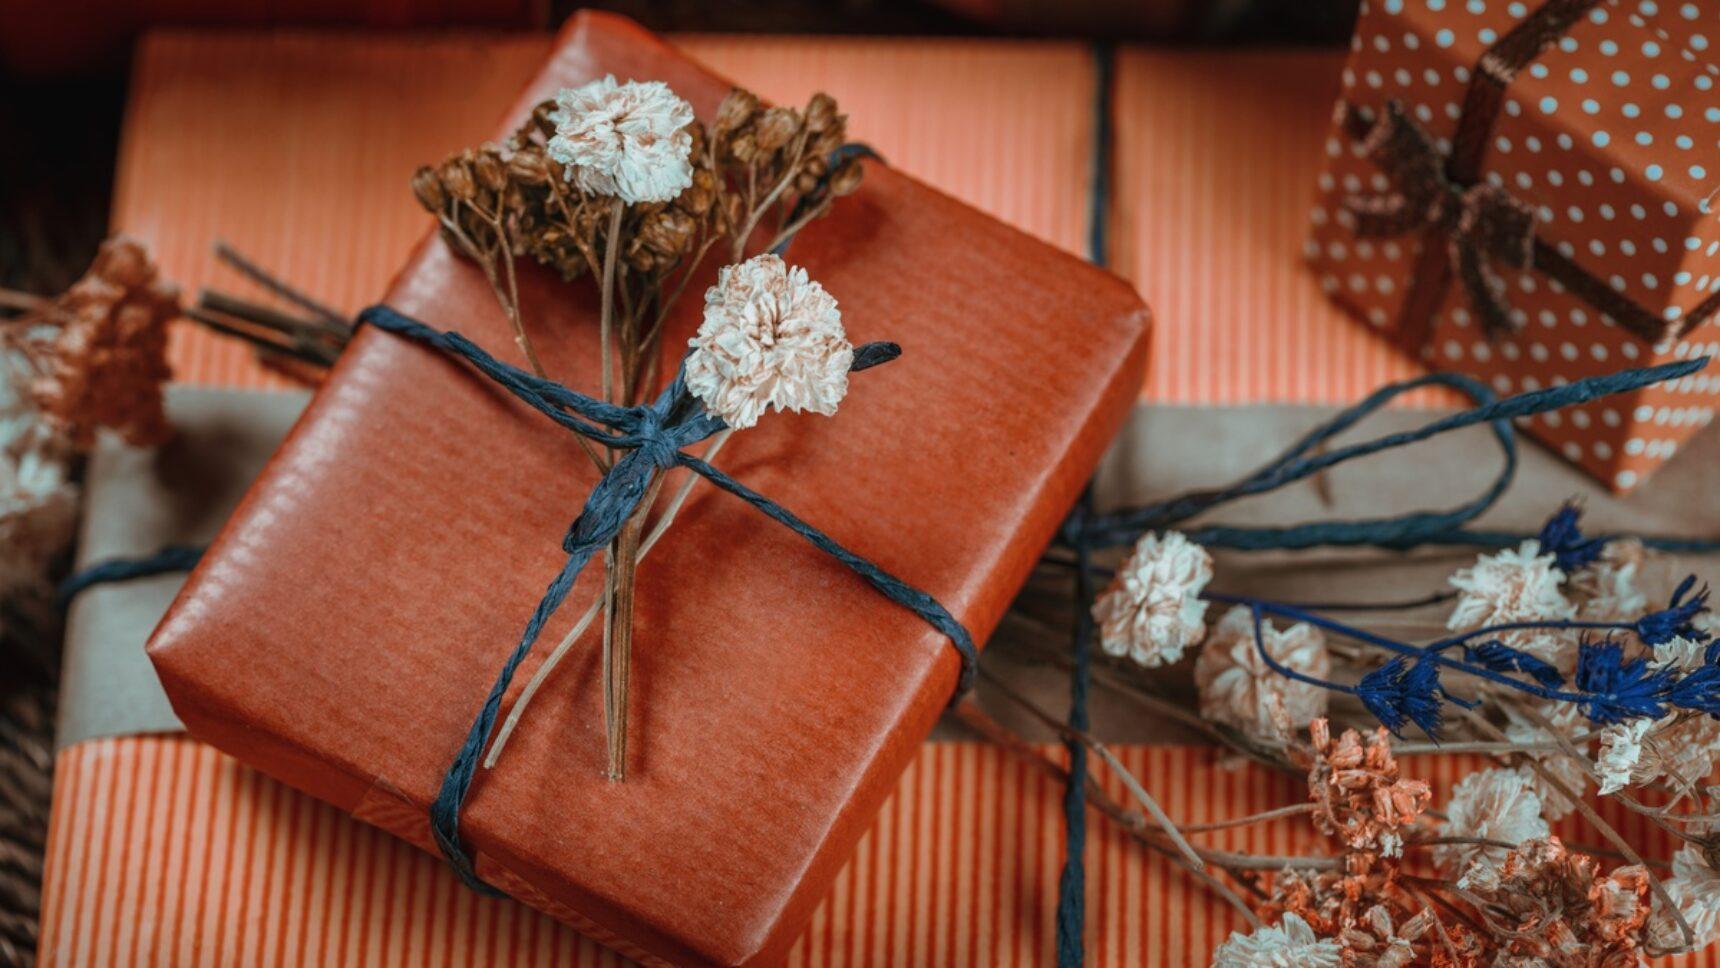 Jaki prezent podarować parze młodej na ślub? Te propozycje to strzał w dziesiątkę!